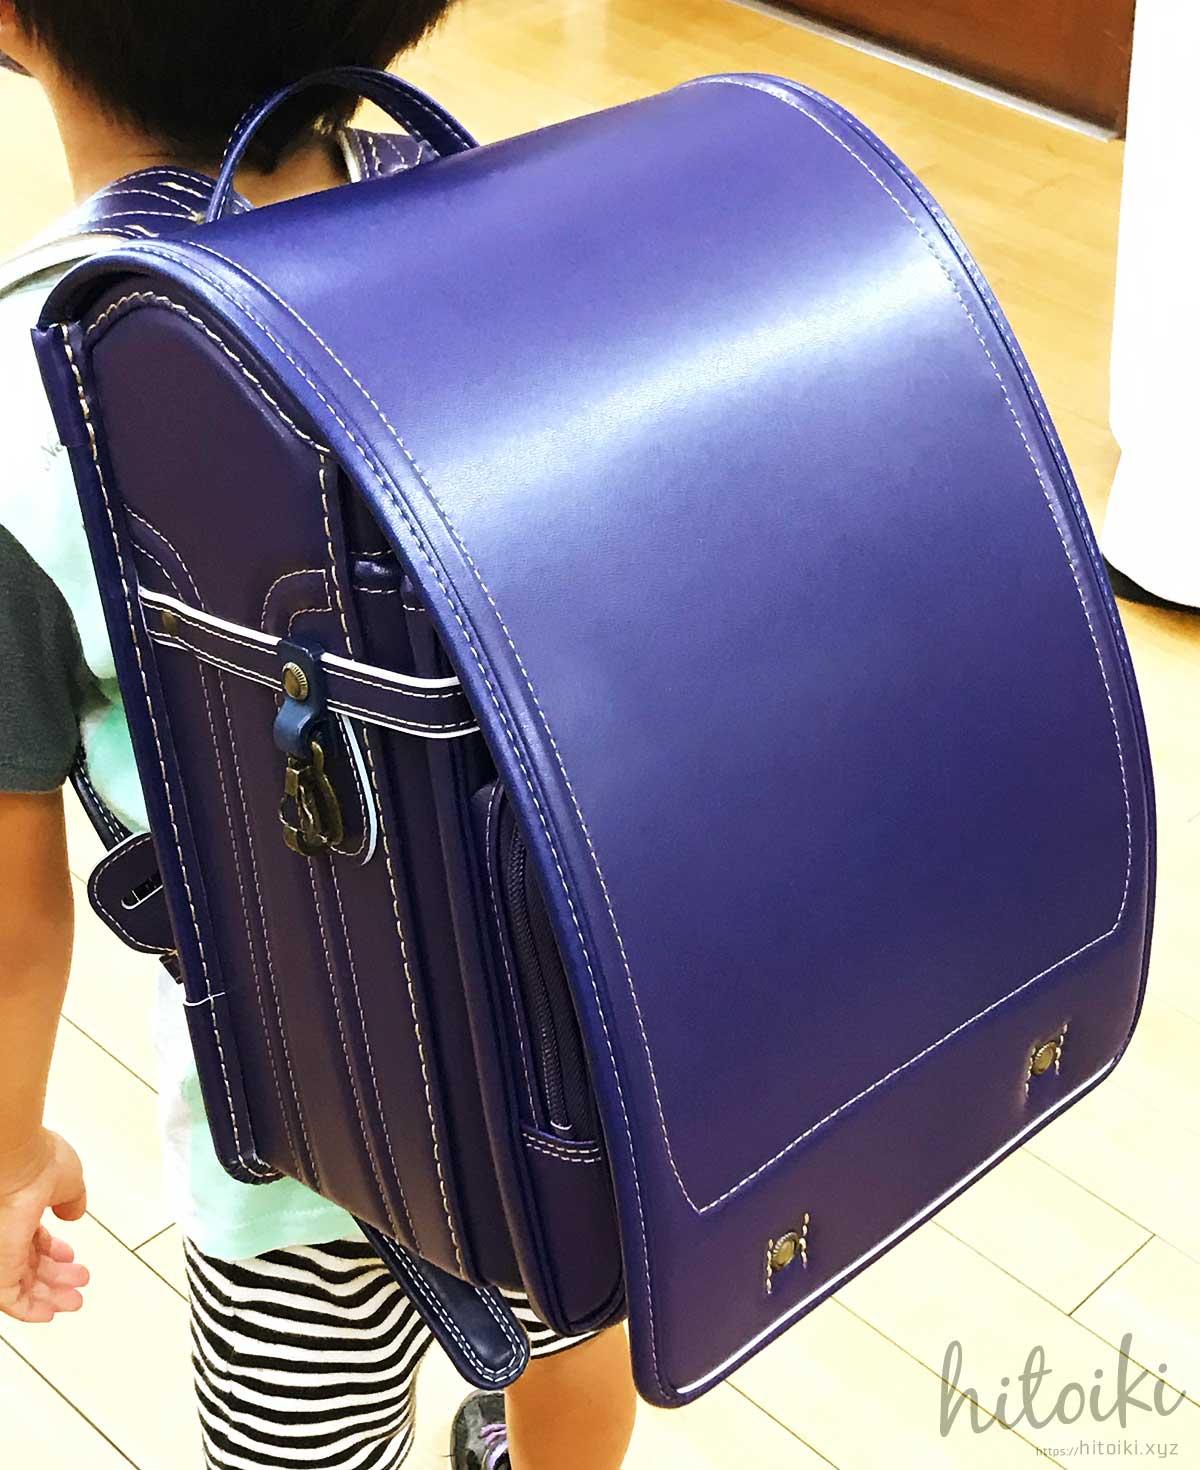 名古屋の老舗鞄店。村瀬鞄行の男の子用紫(パープル)のランドセル schoolbag_murasekabanko_img_3412